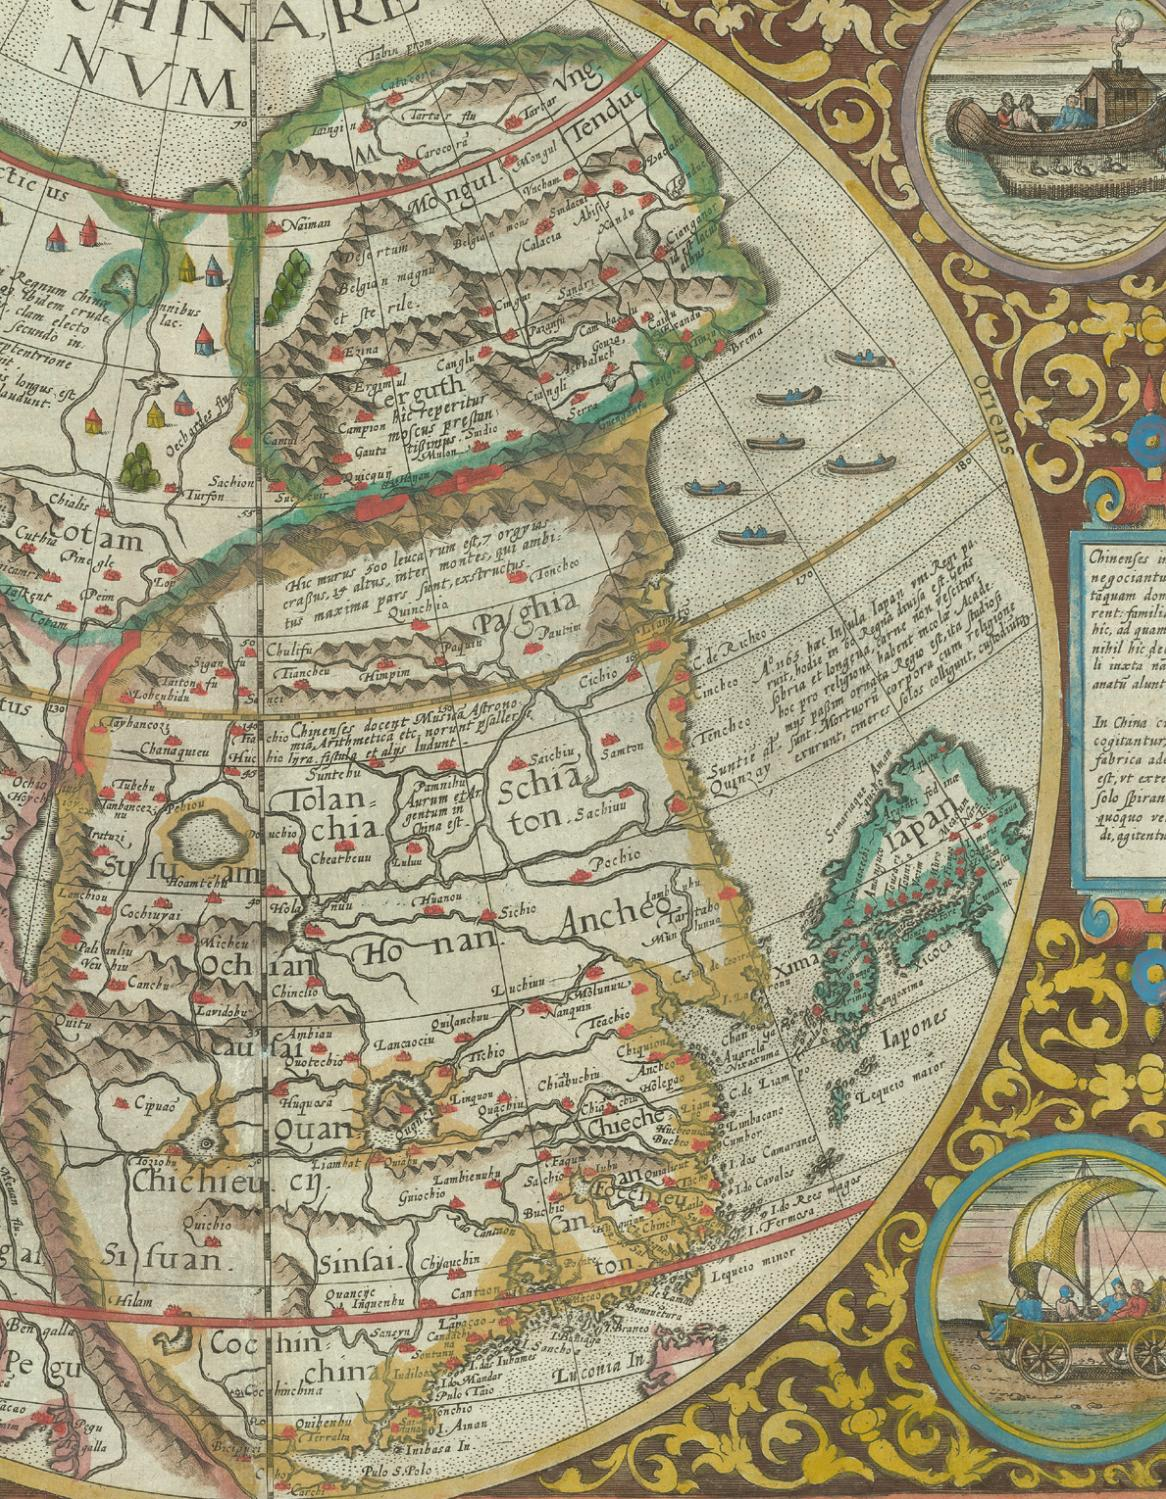 London an old map by Johann Baptist Homann modern reproduction c1740